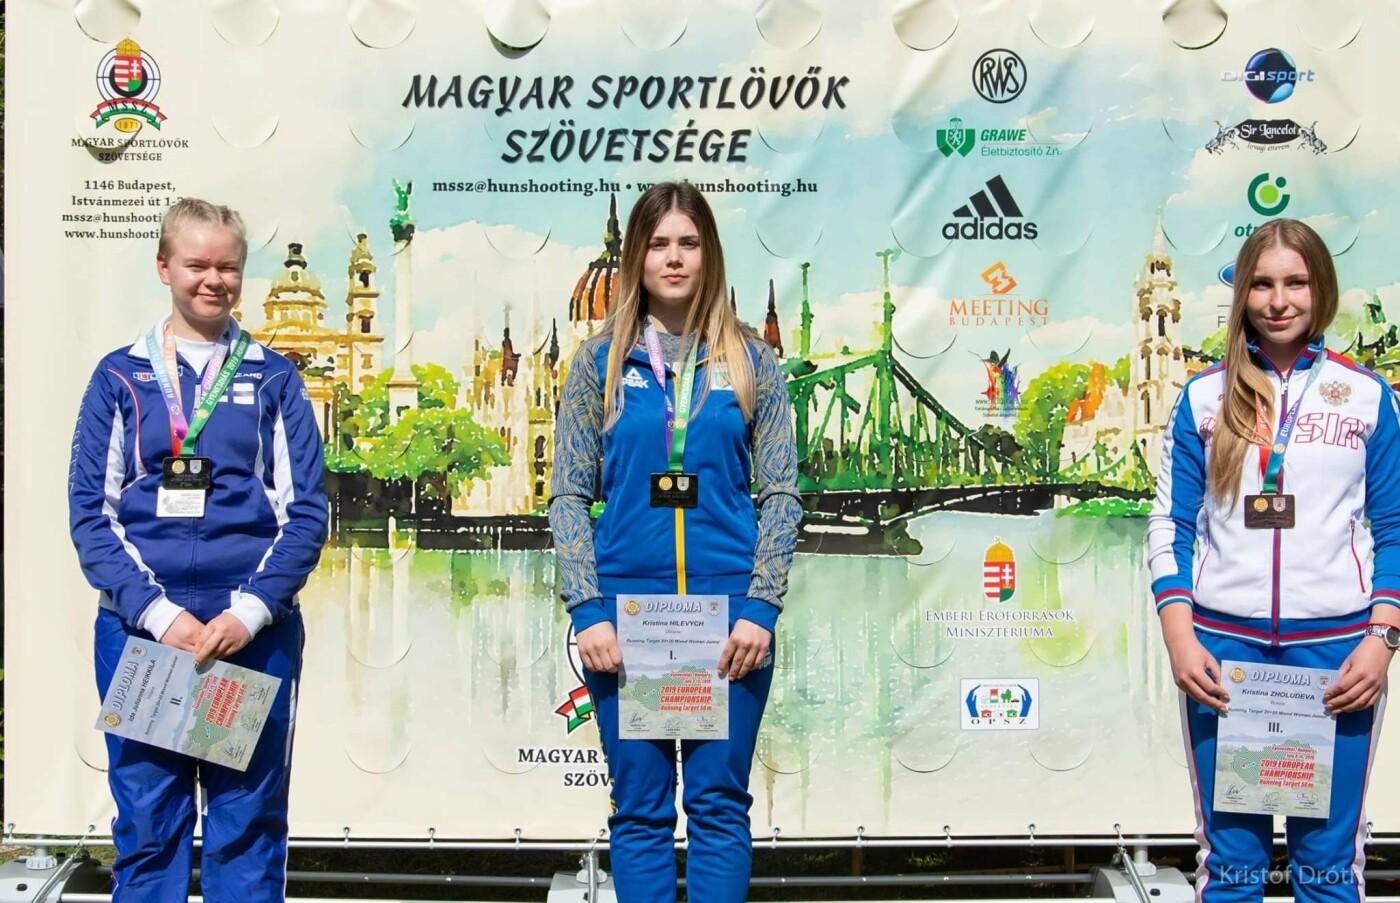 Хмельничани успішно виступили у складі збірної України на Чемпіонаті Європи з кульової стрільби, фото-2